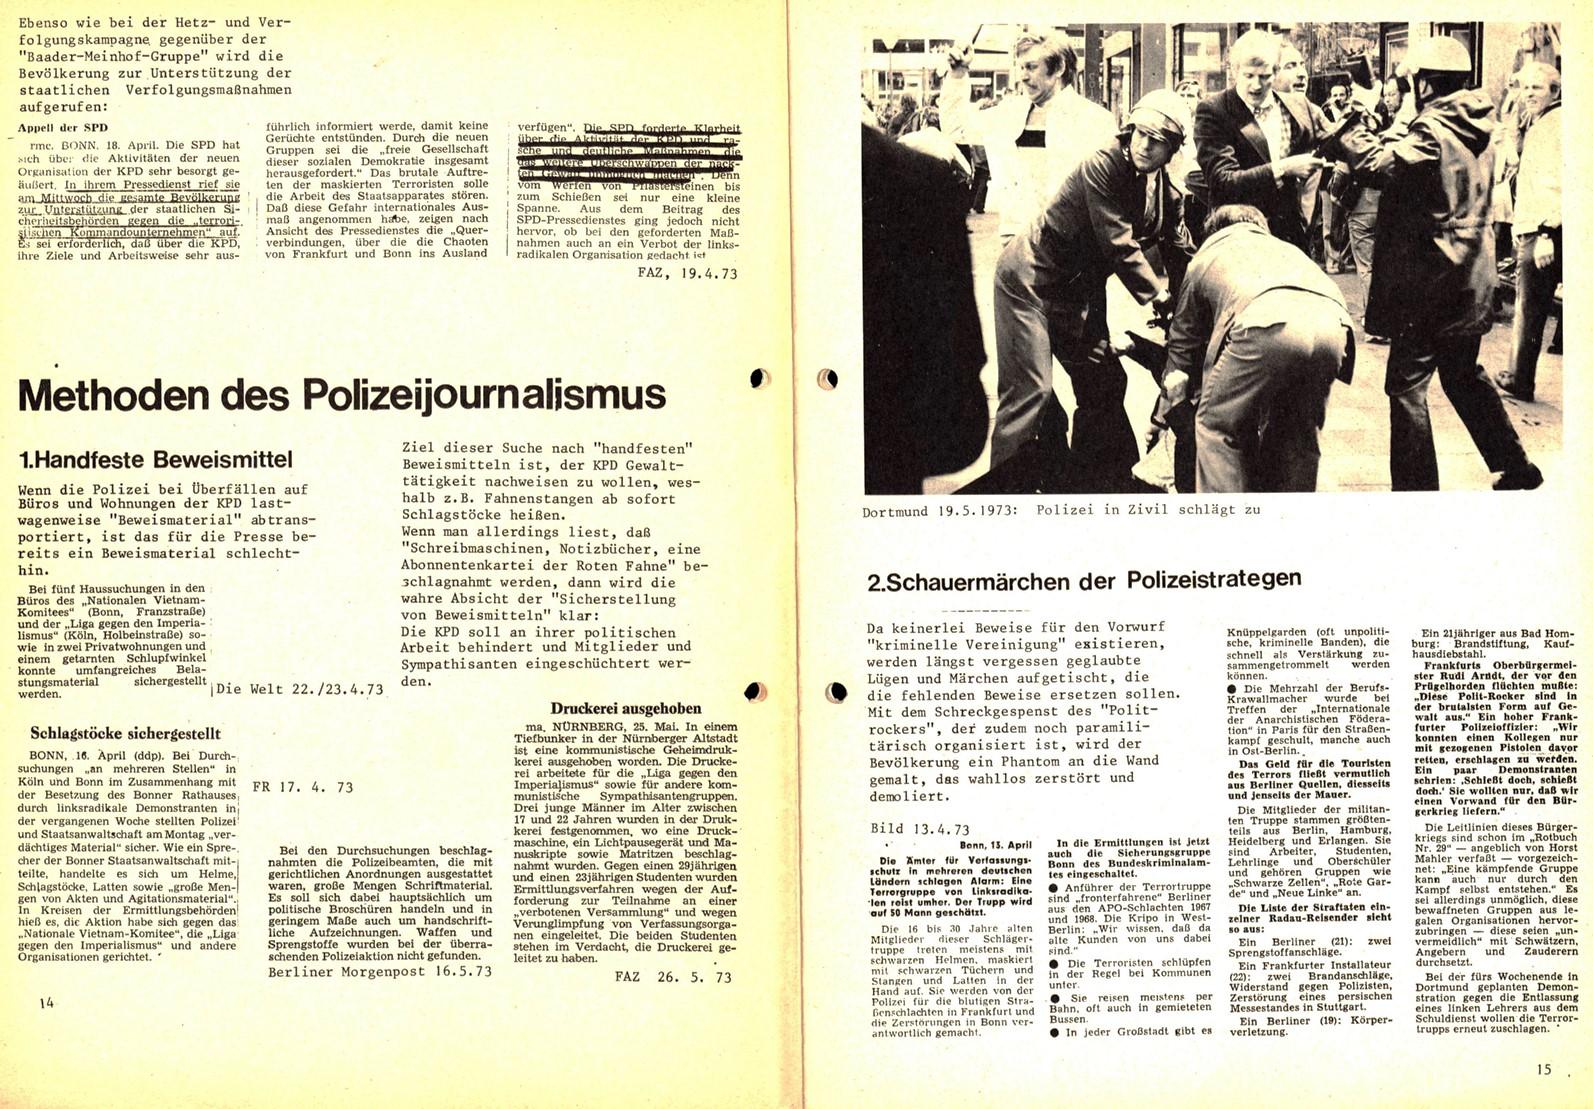 Komitee_Haende_weg_von_der_KPD_1973_Polizeijournalismus_08